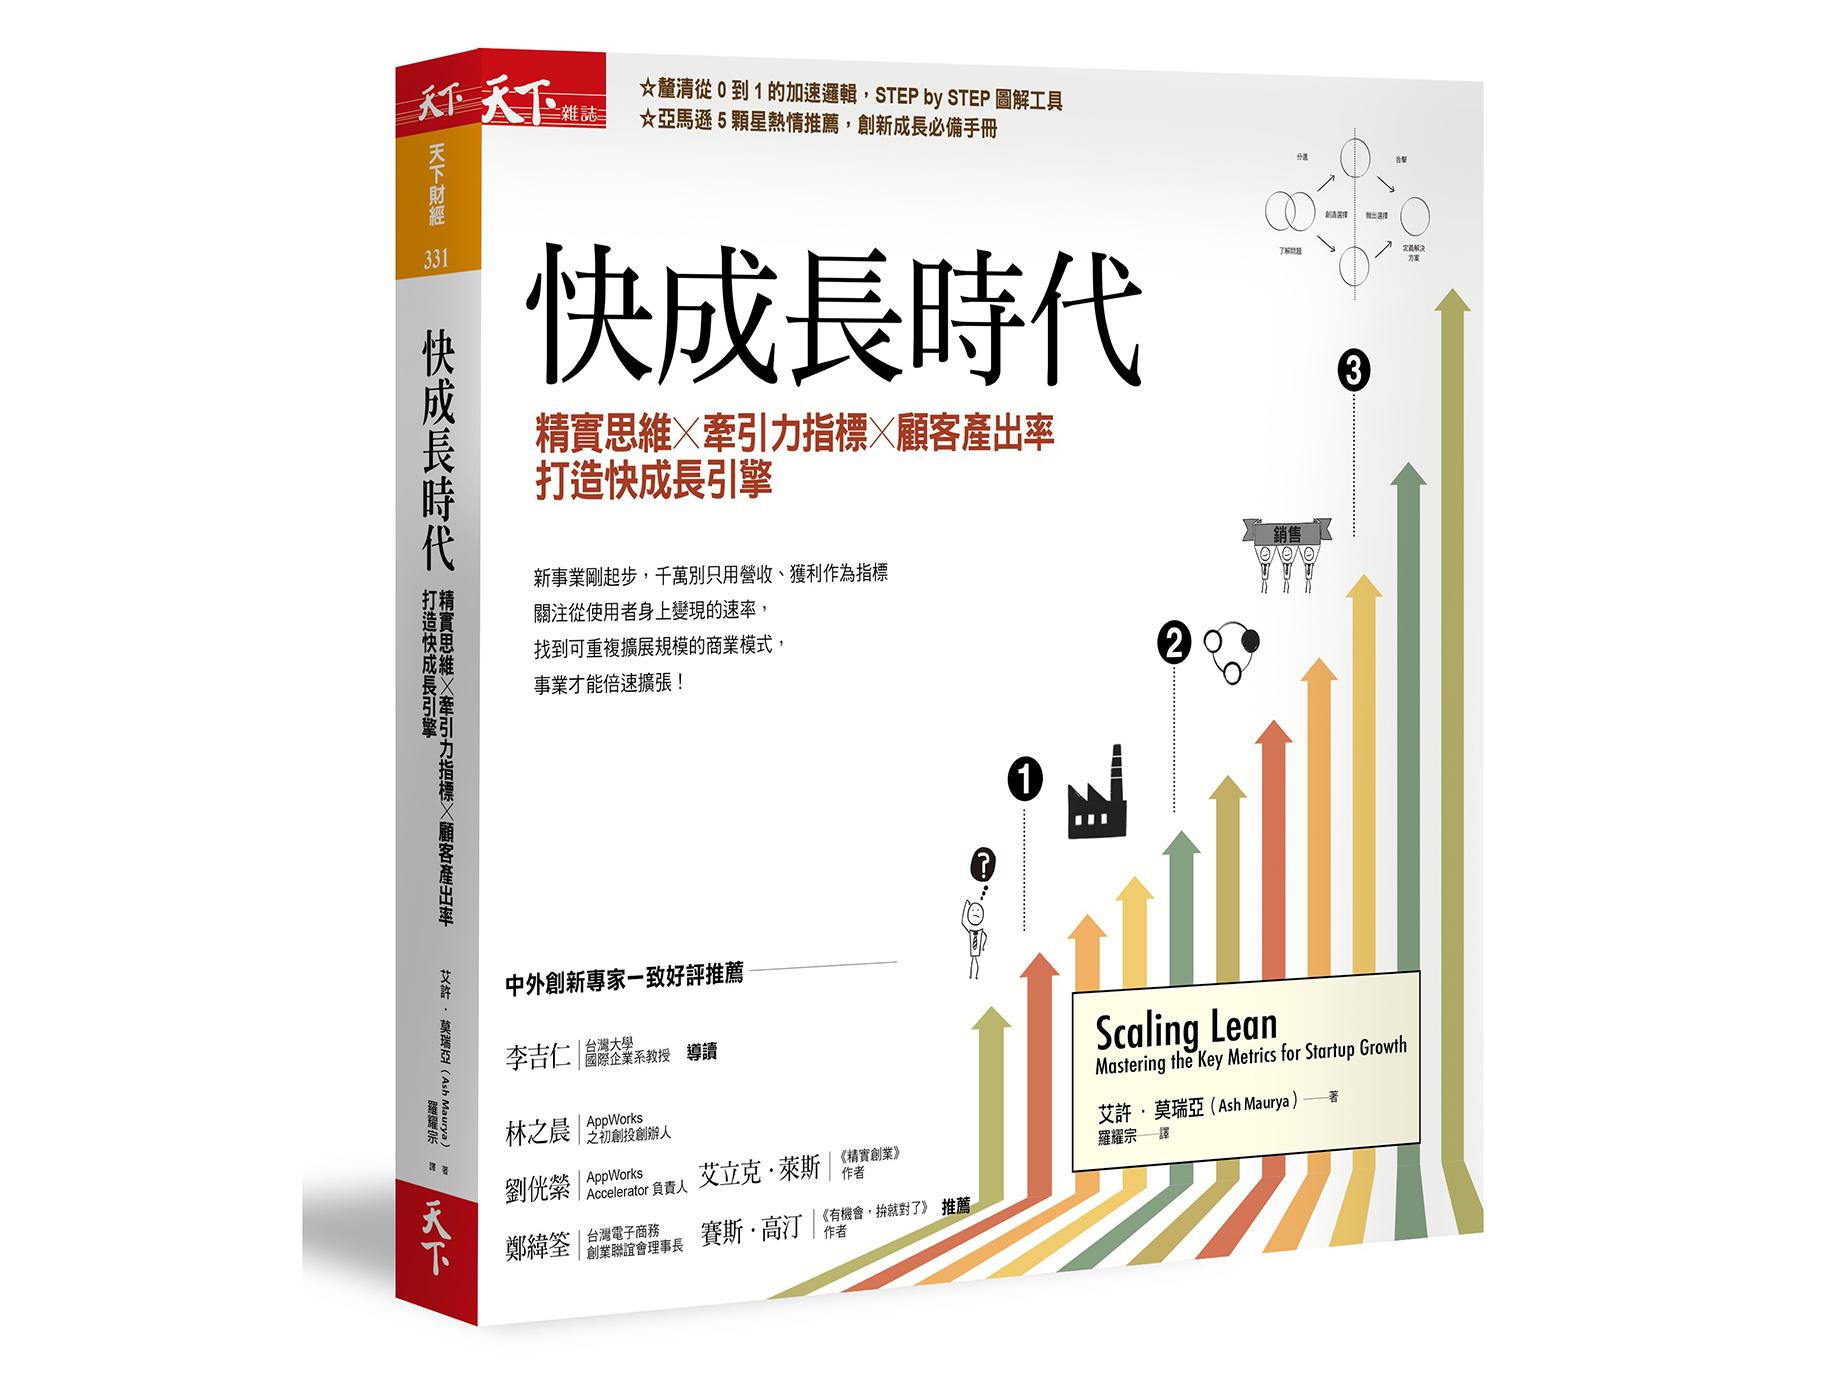 新書搶先看》搞懂「牽引力」指標,衡量商業模式從使用者身上變現的速度